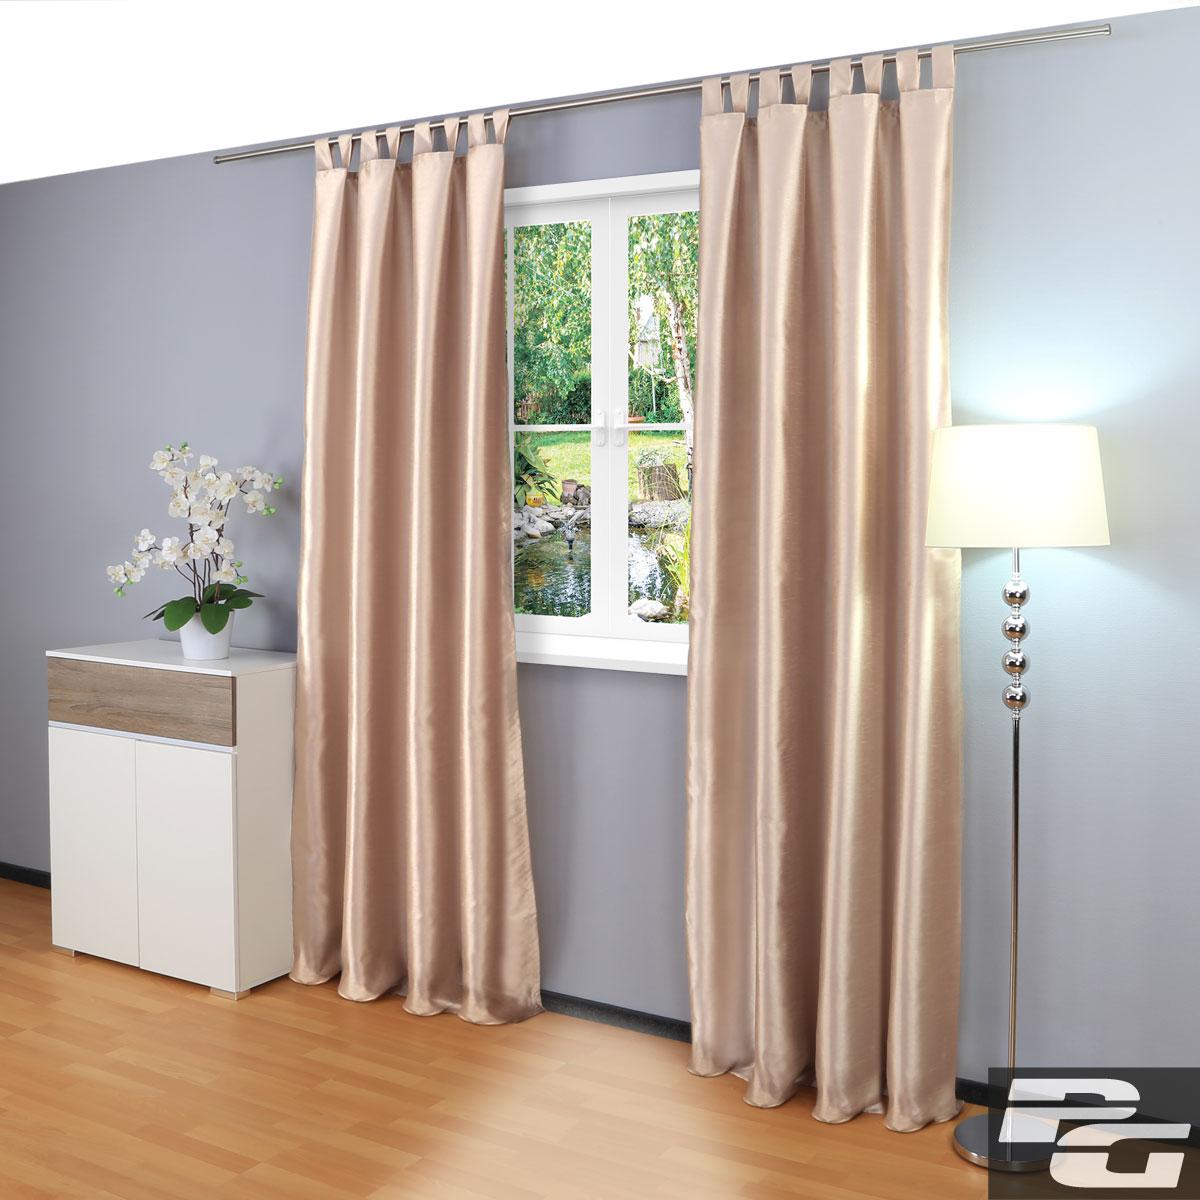 schlaufenschal dekoschal gardine vorhang schlaufenvorhang blickdicht ebay. Black Bedroom Furniture Sets. Home Design Ideas